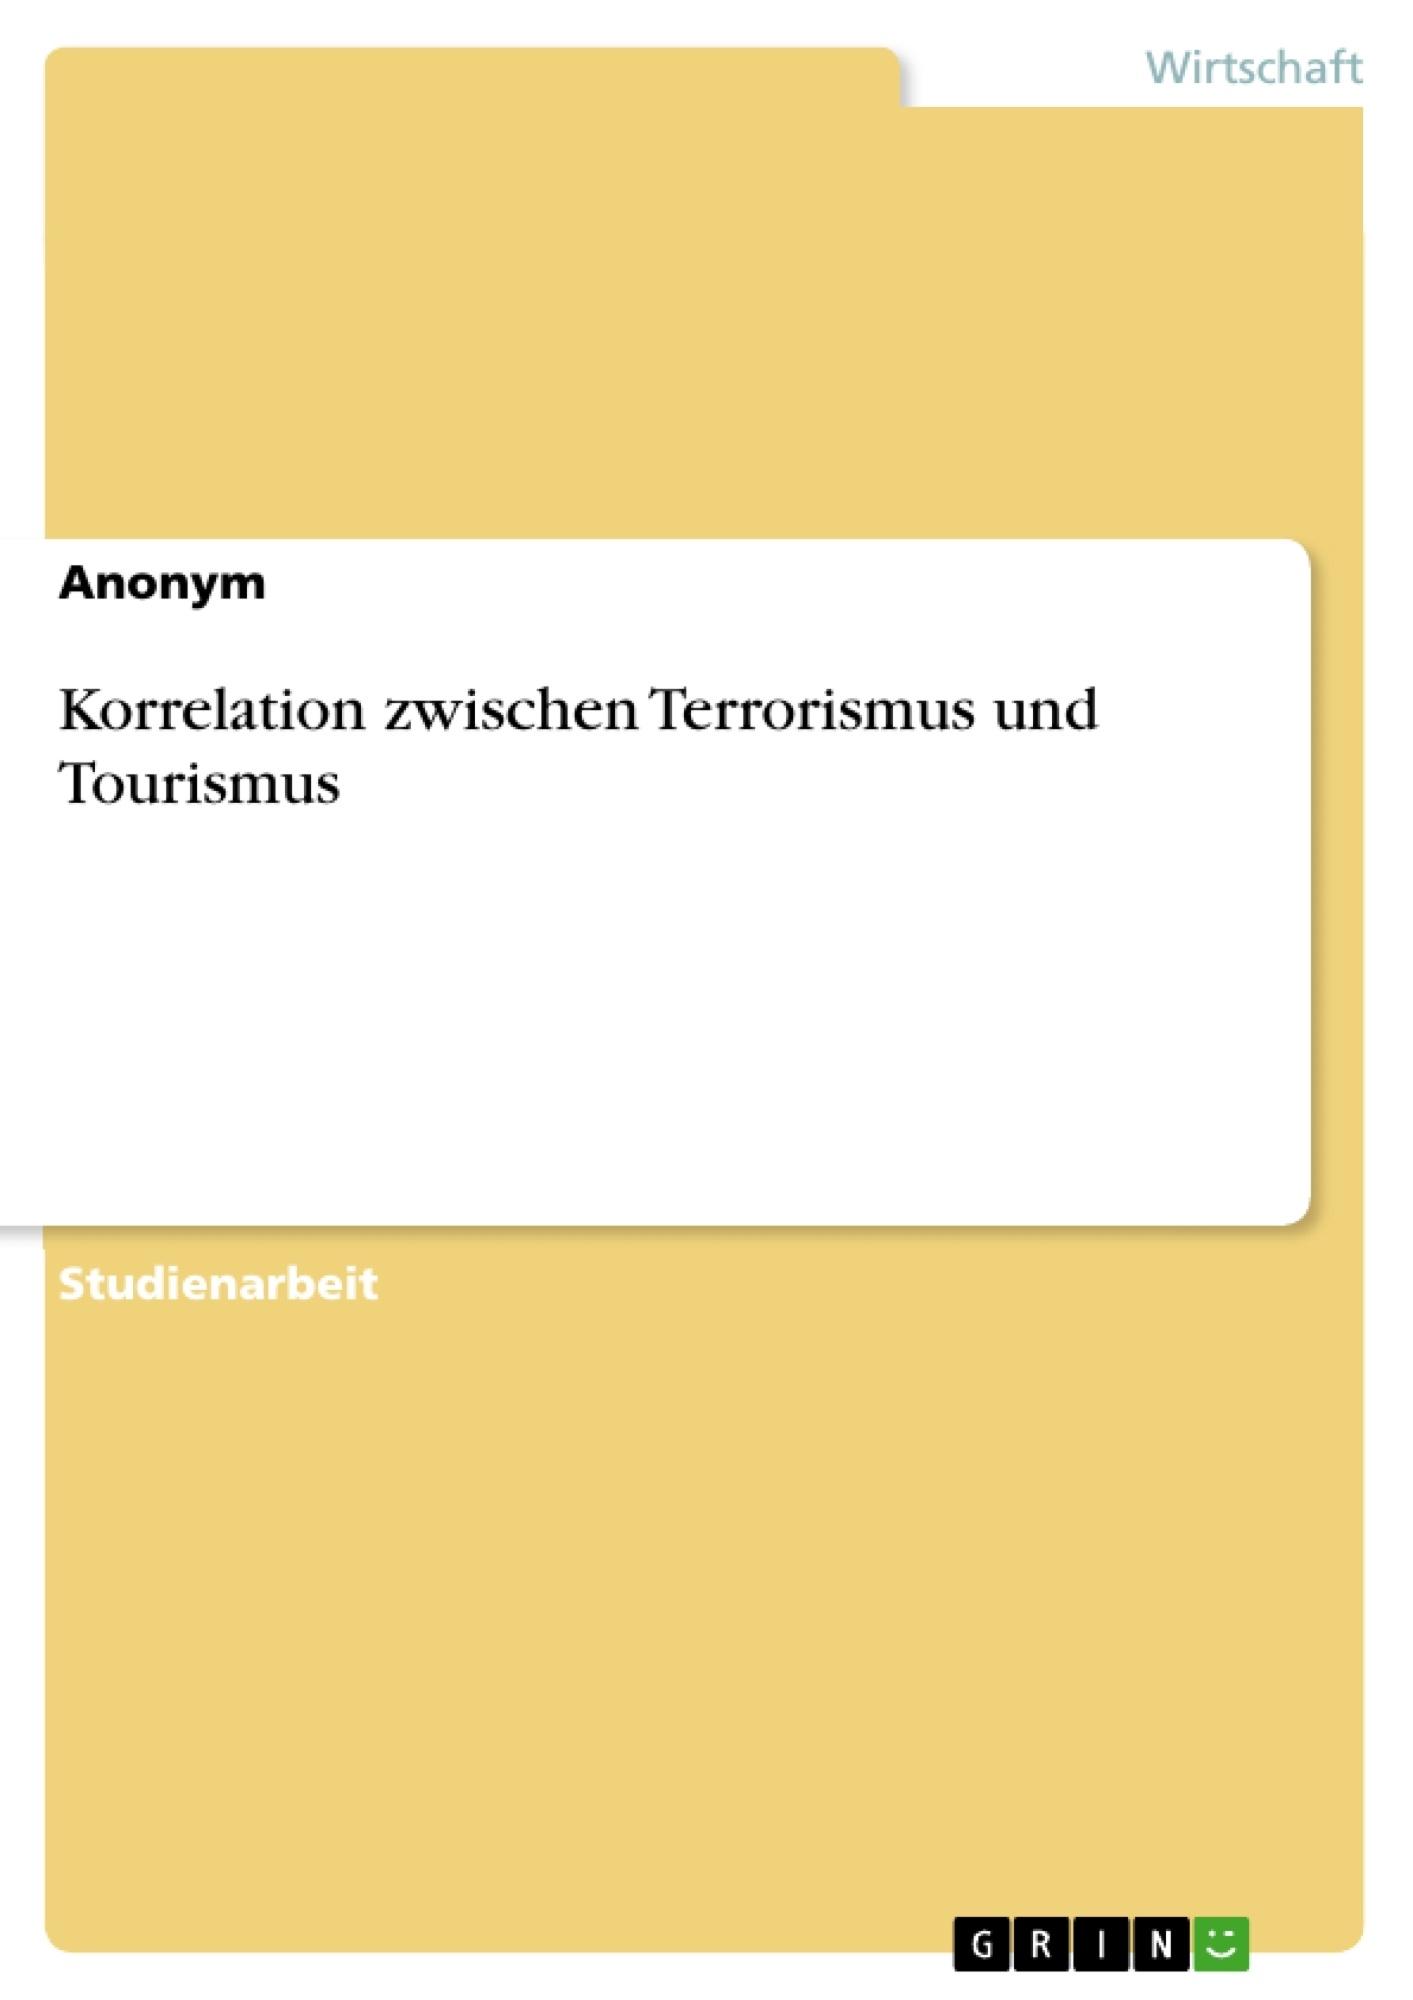 Titel: Korrelation zwischen Terrorismus und Tourismus